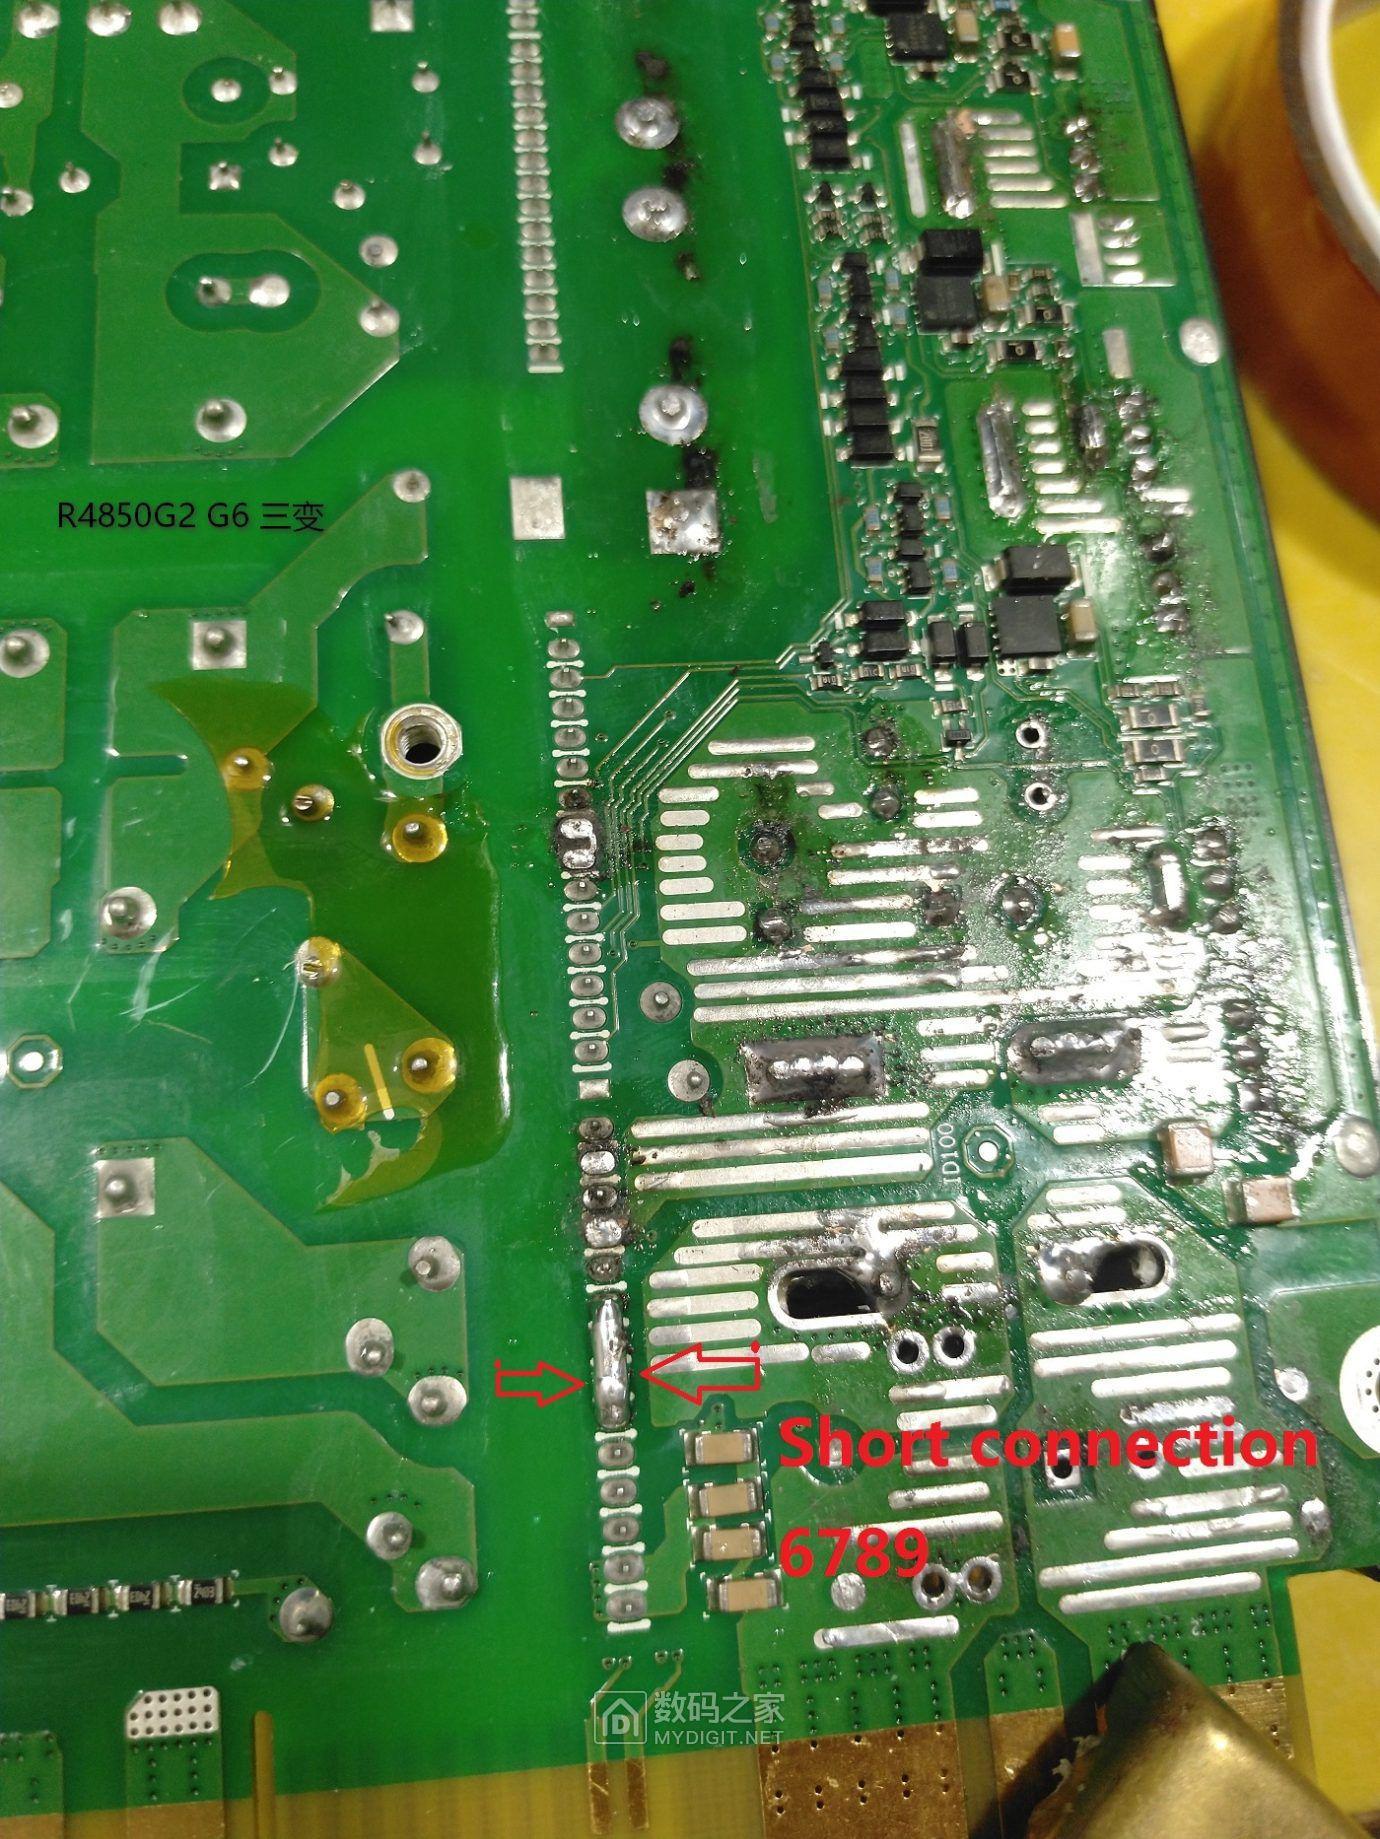 R4850G2 G6 三变3.jpg